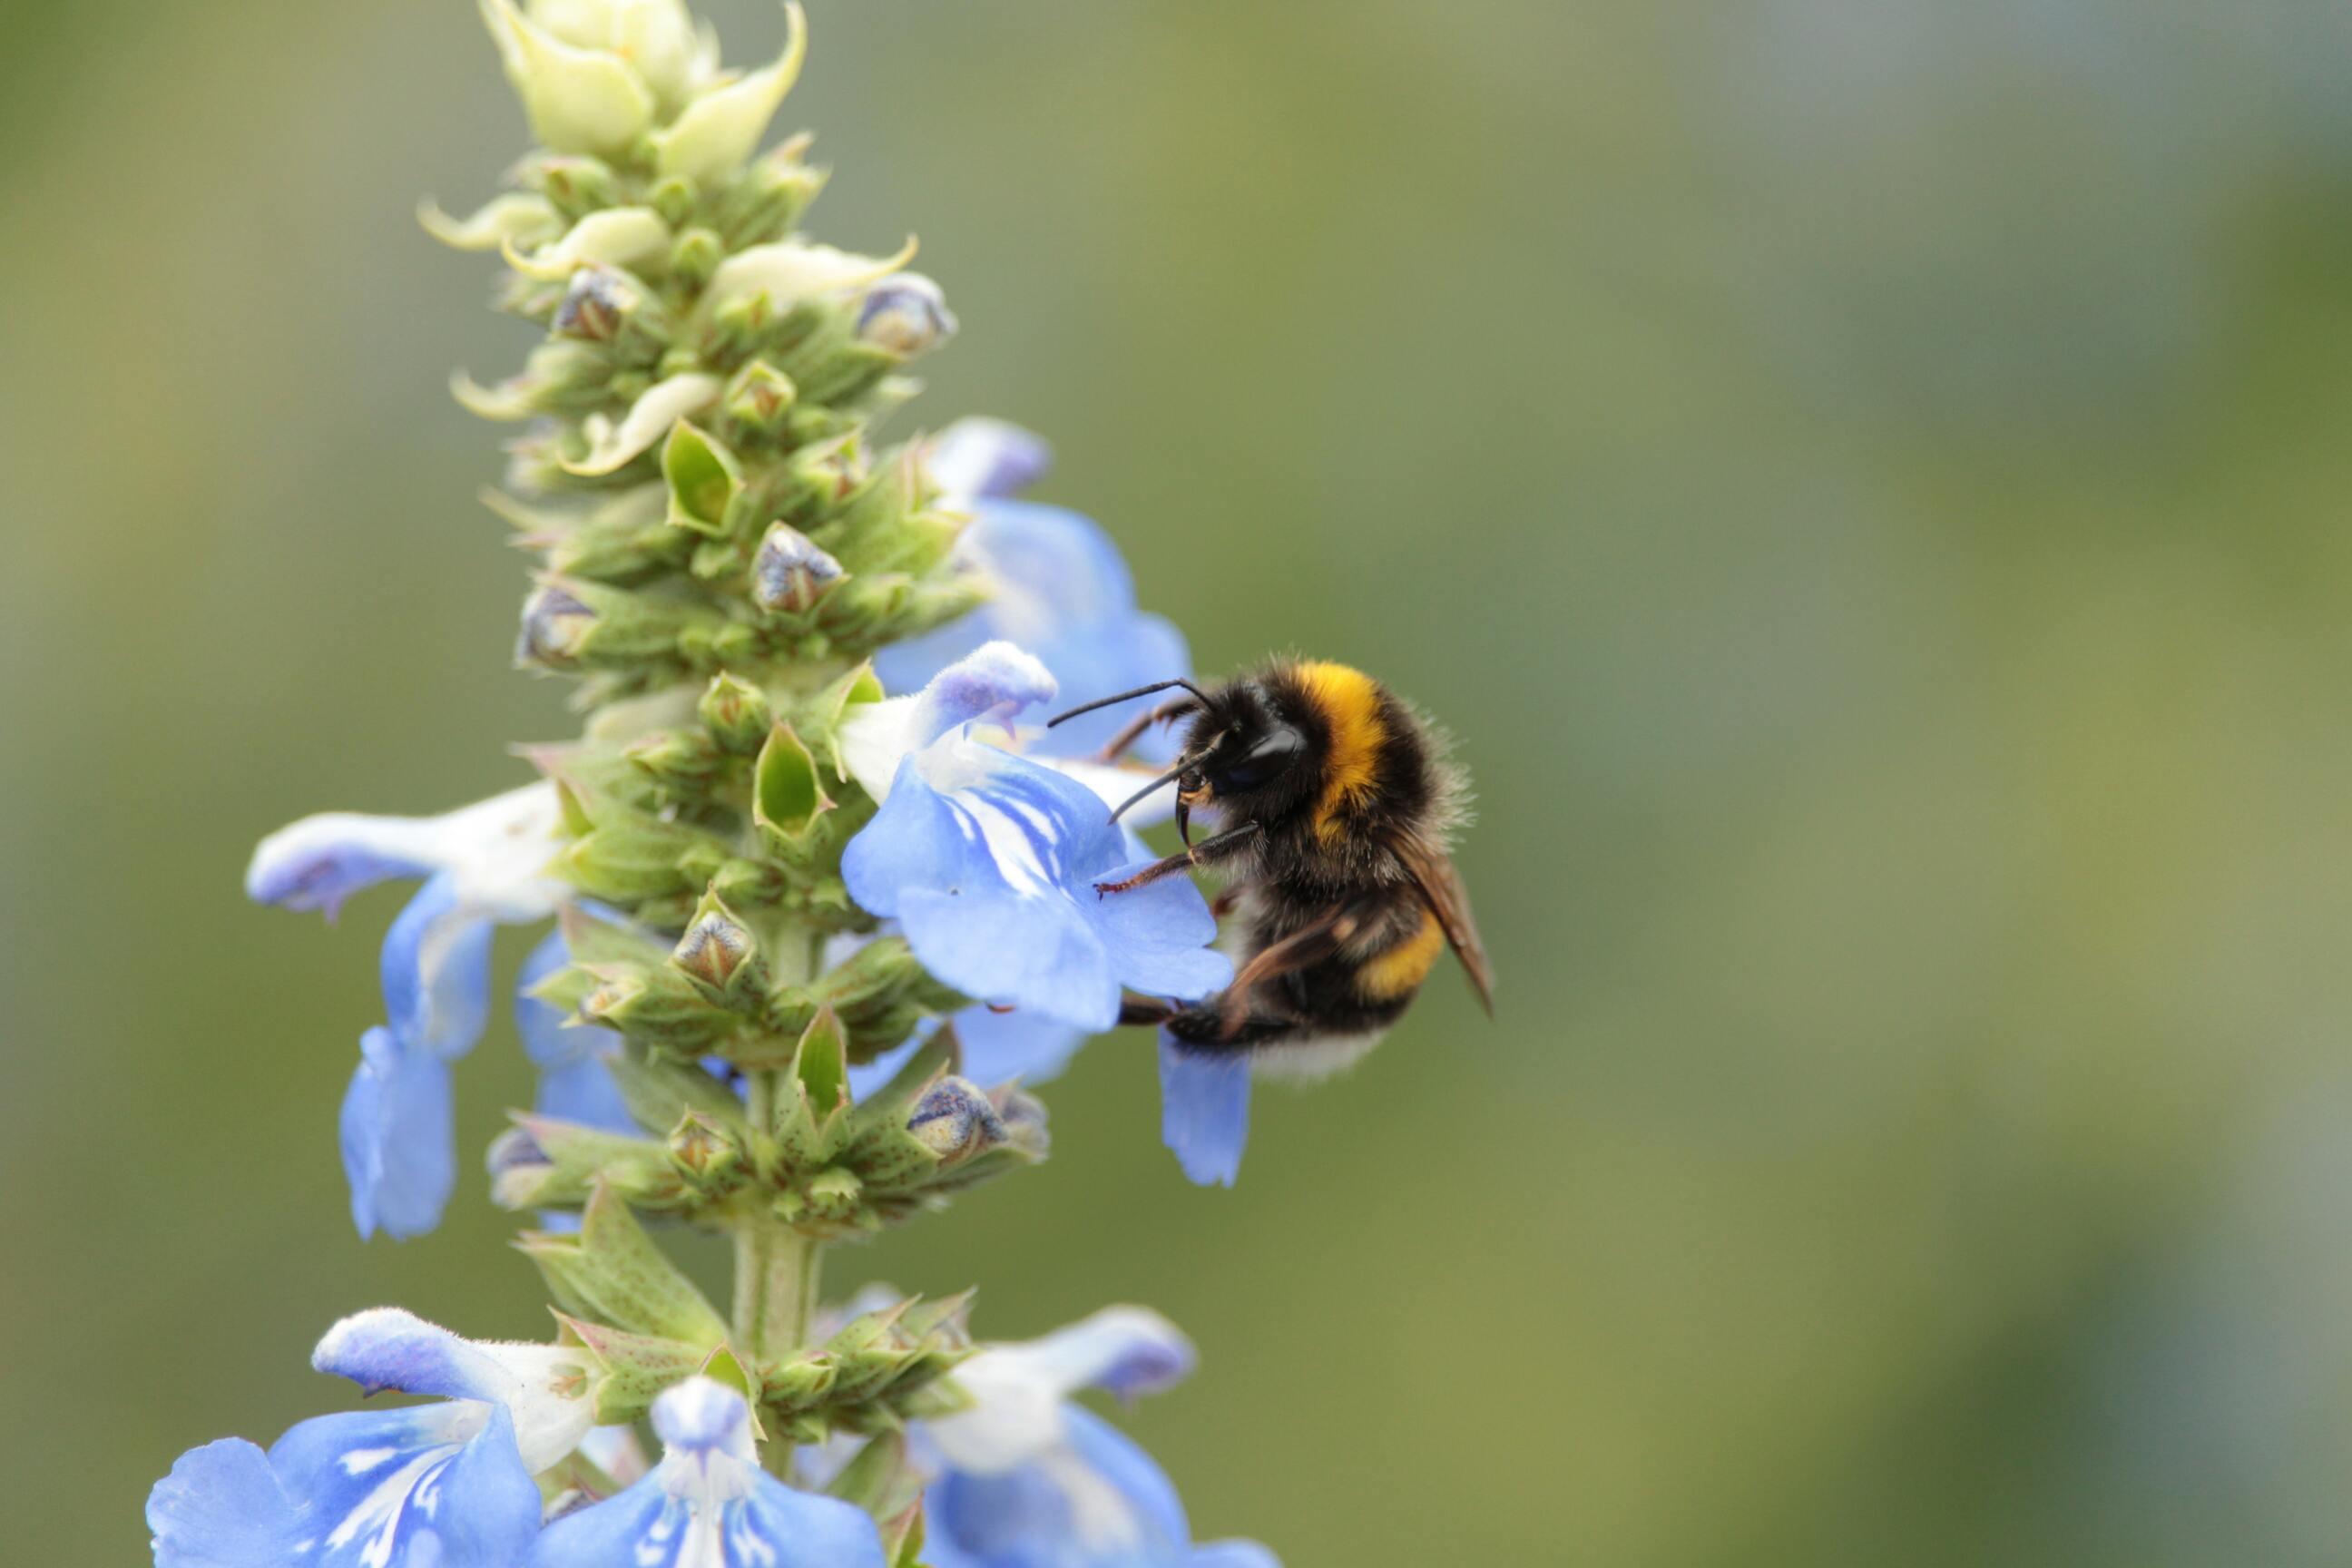 Hình ảnh con ong hút mật đẹp nhất